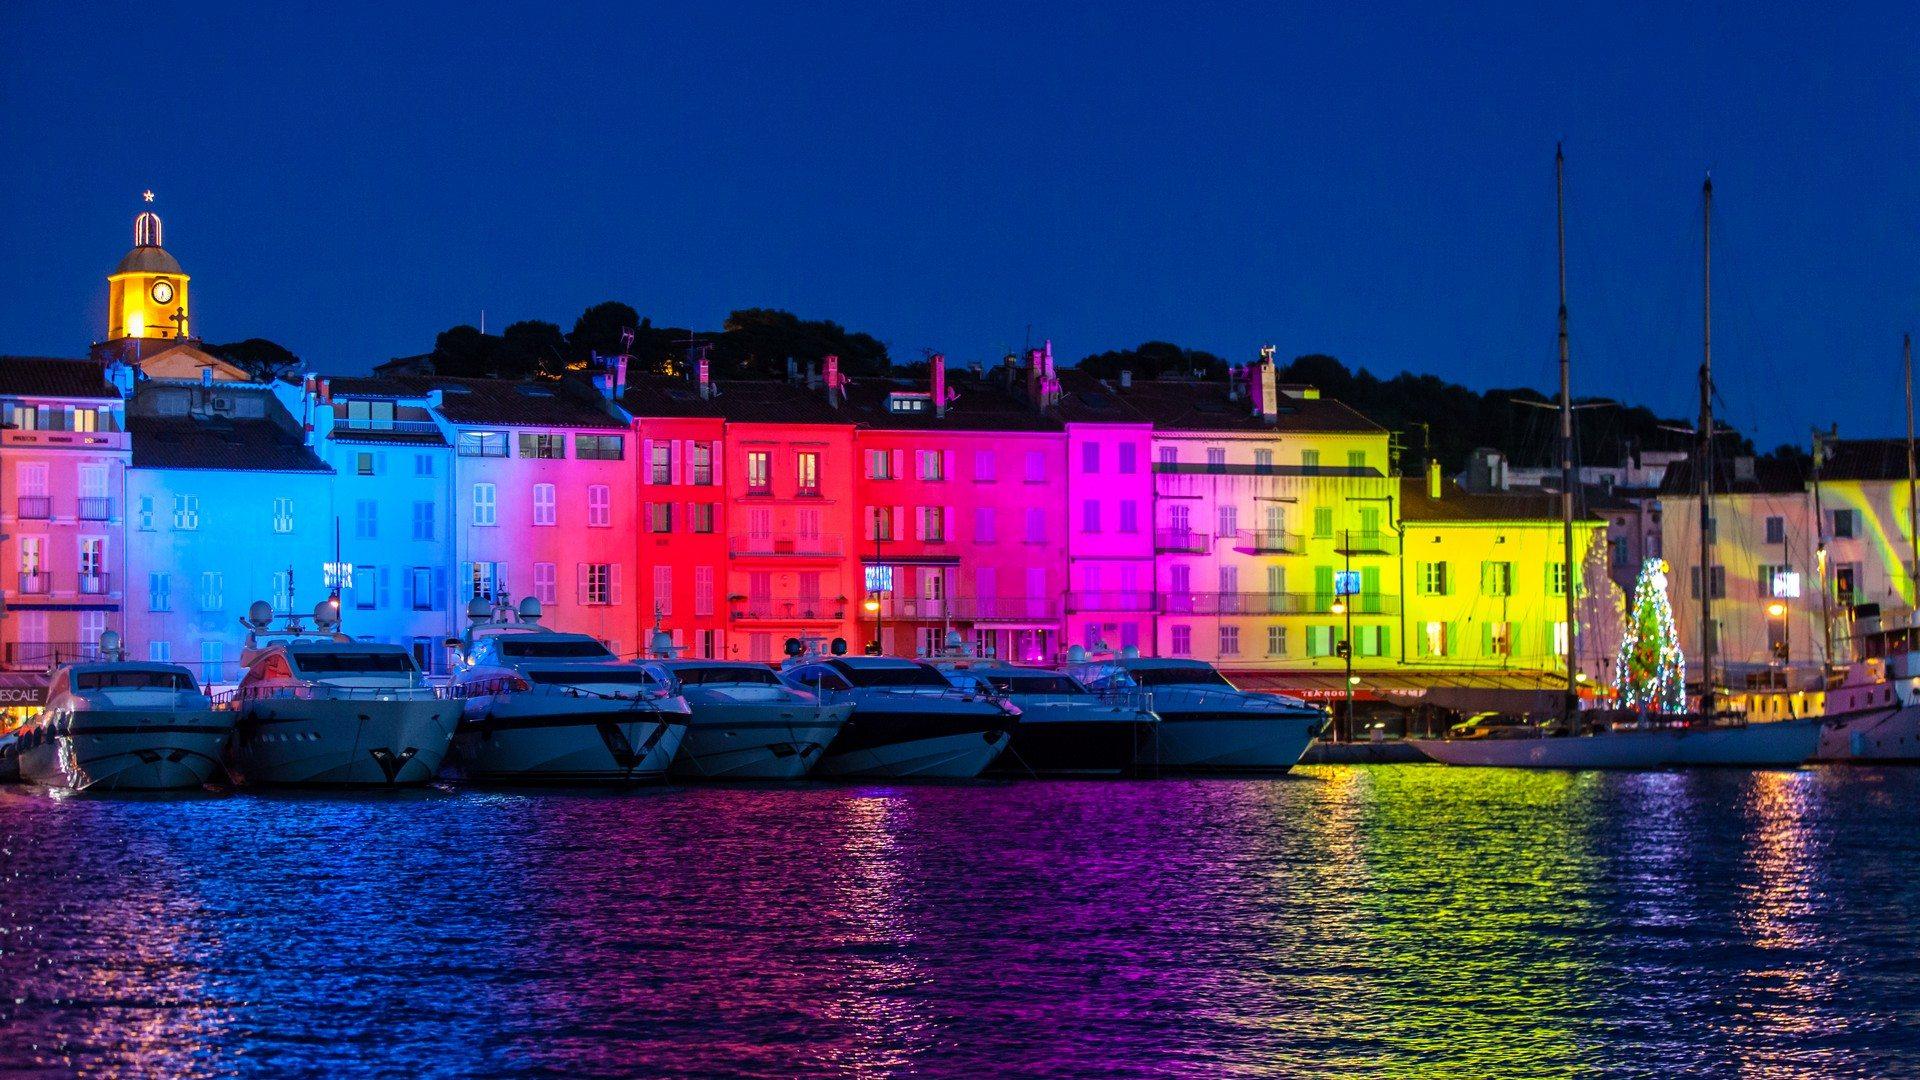 st-tropez-harbour-lights-yachts